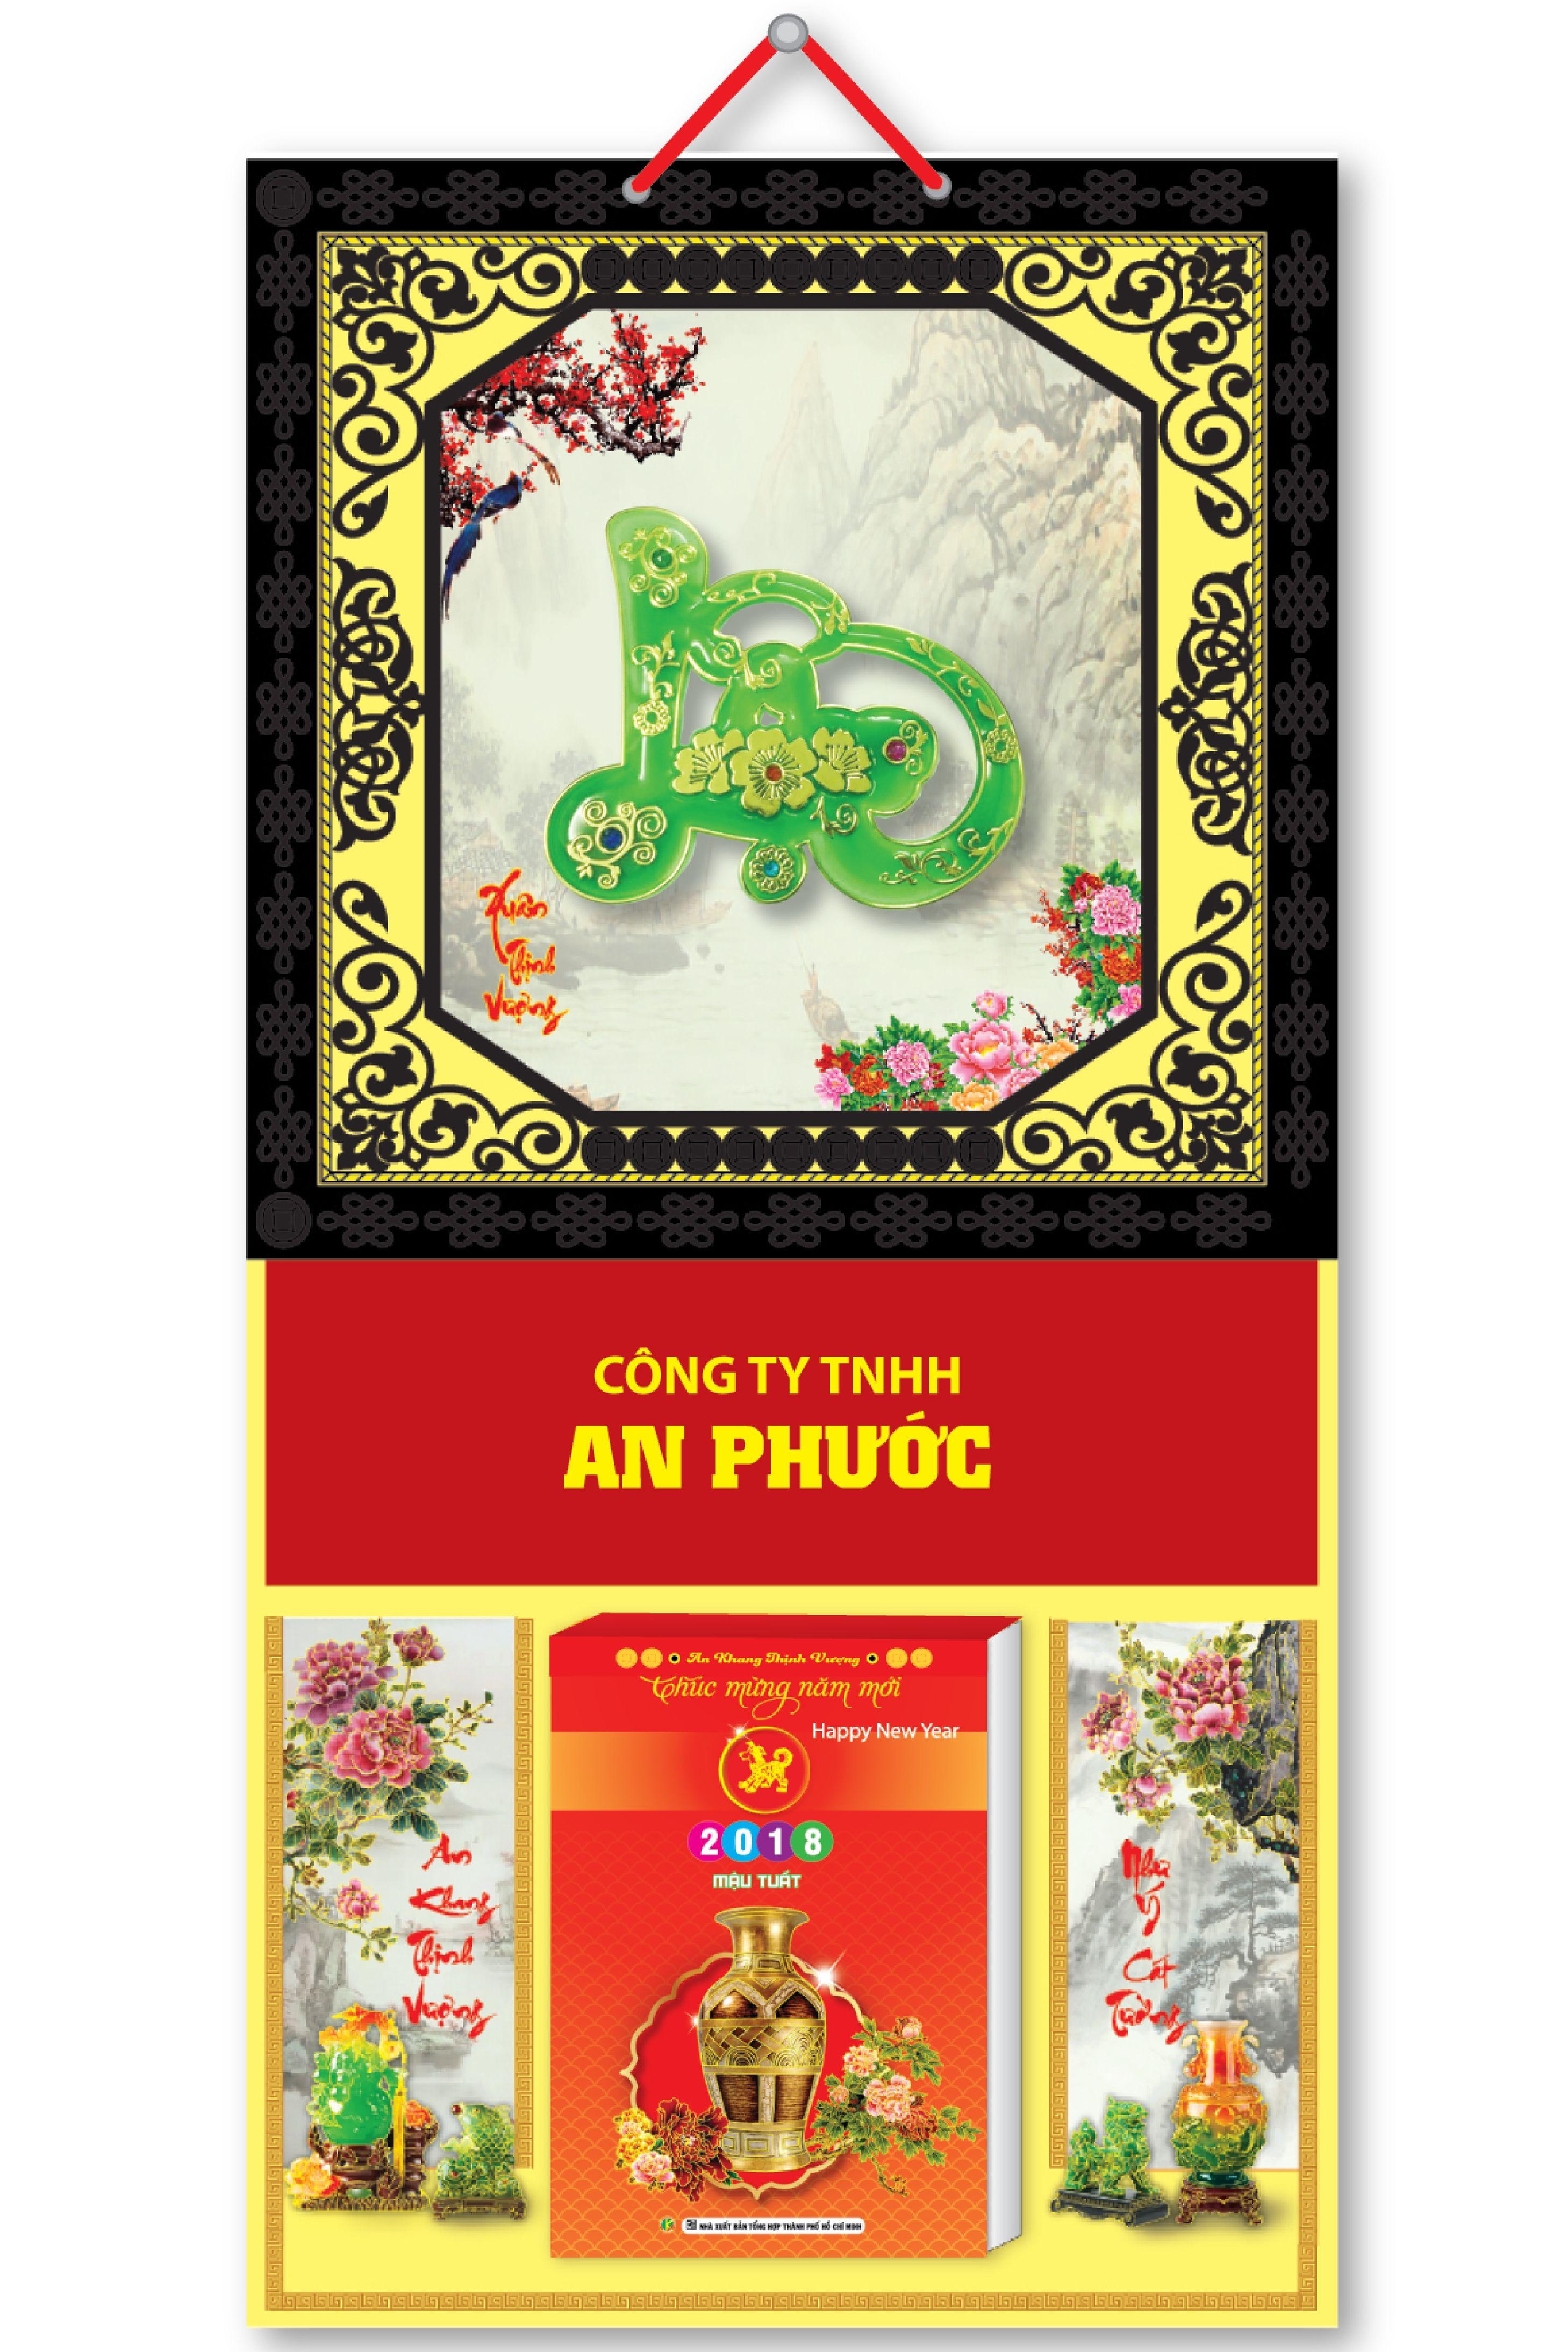 KV35 - Bìa Treo Lịch 2018 Da Simili Dán Chữ Nổi (35 x 70cm) -, Khung đen, Dán Chữ Lộc Cẩm Thạch